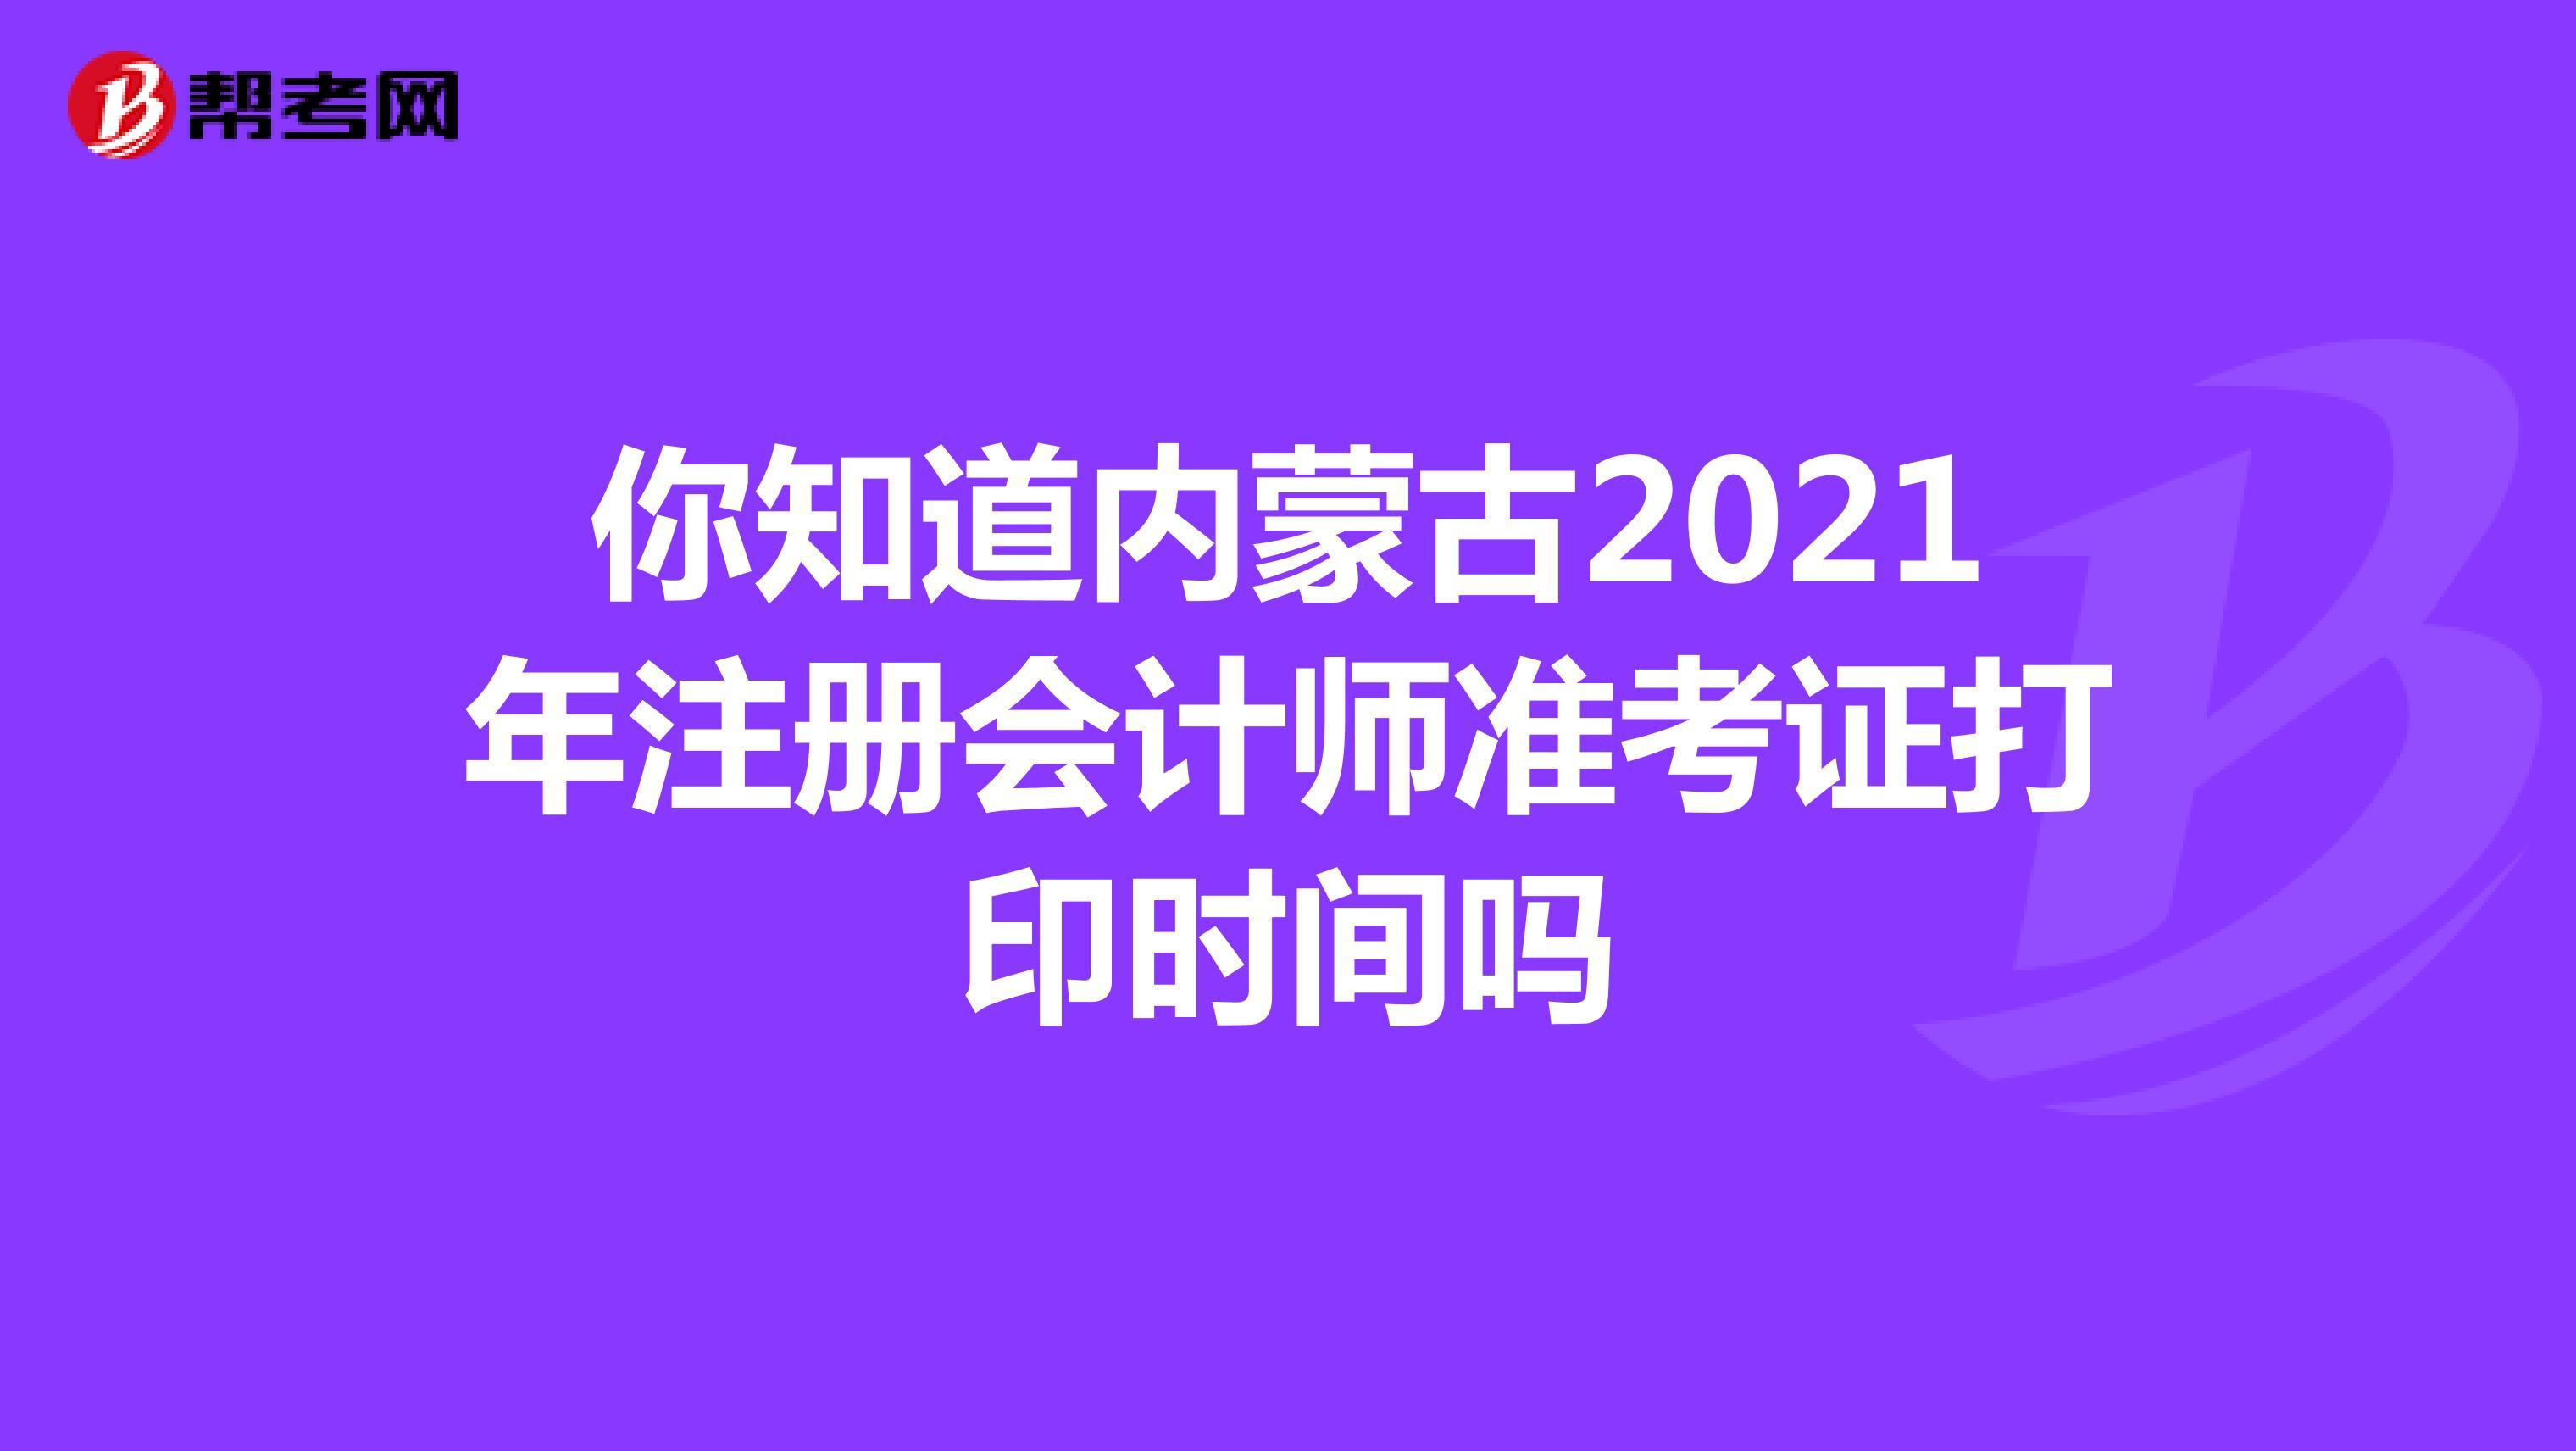 你知道内蒙古2021年注册会计师准考证打印时间吗